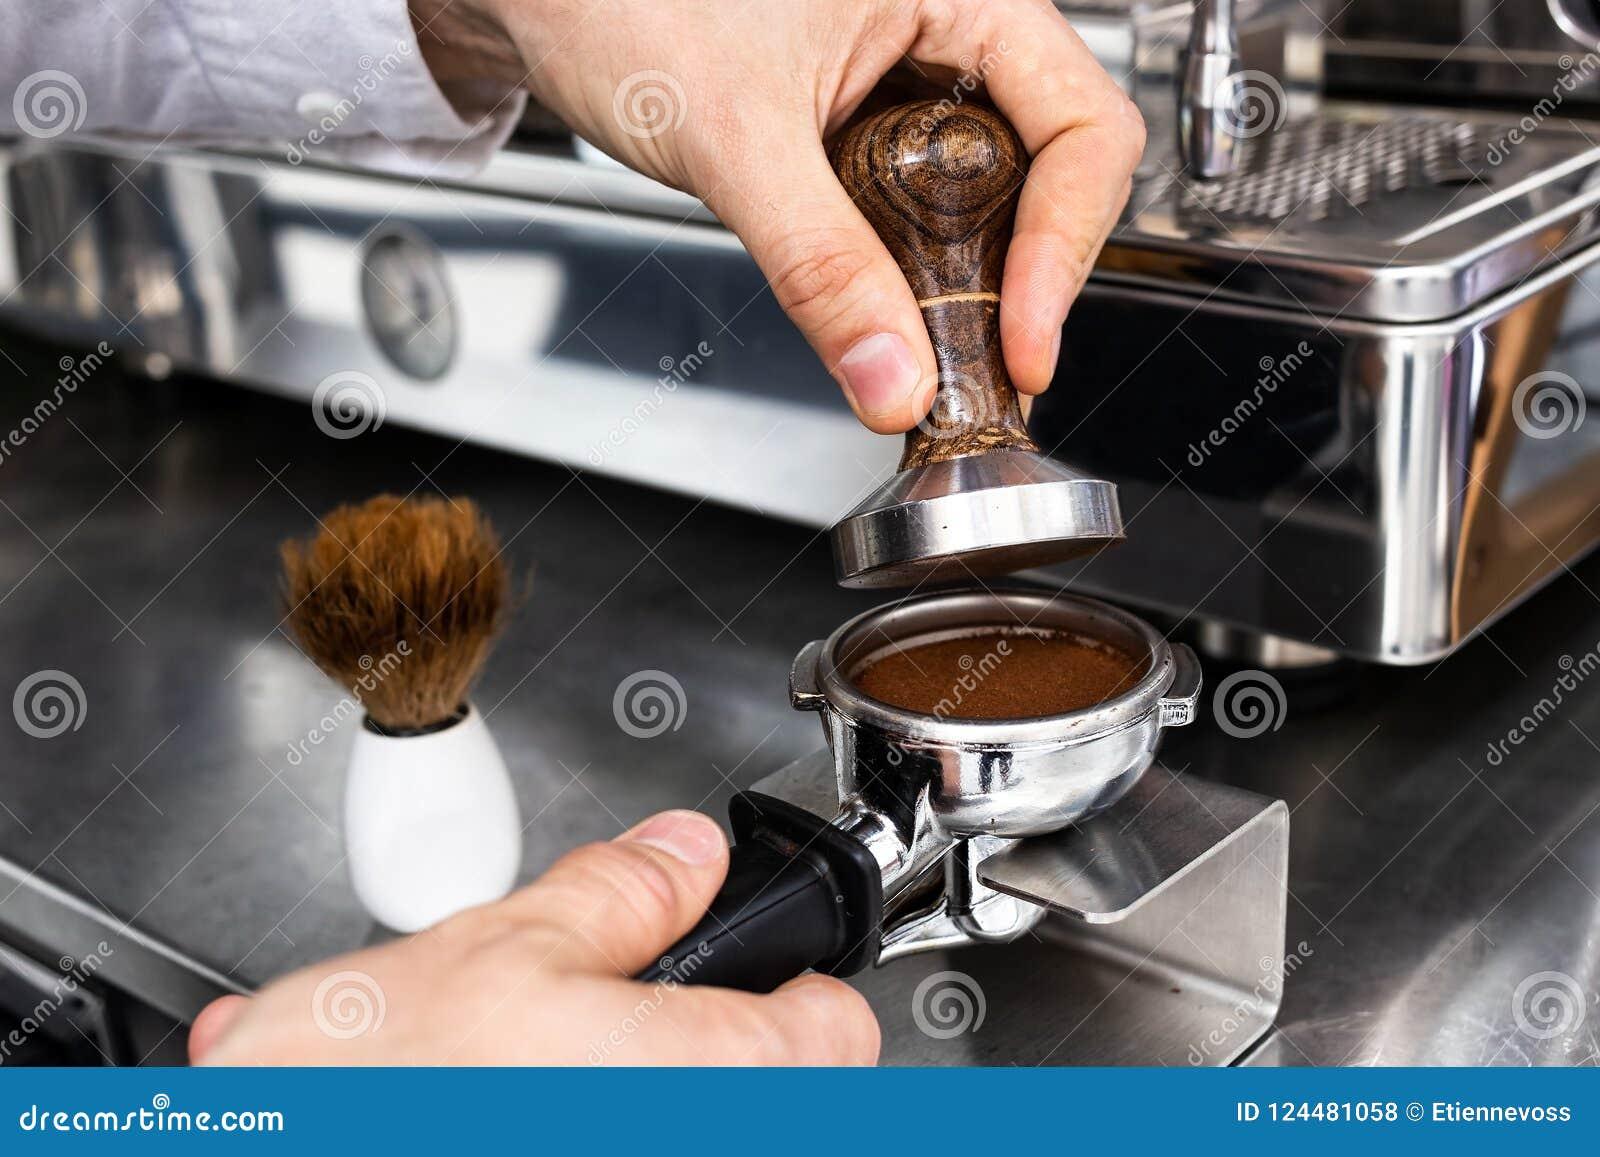 Barman pressant le cafè moulu dans le portafilter avec un bourreur